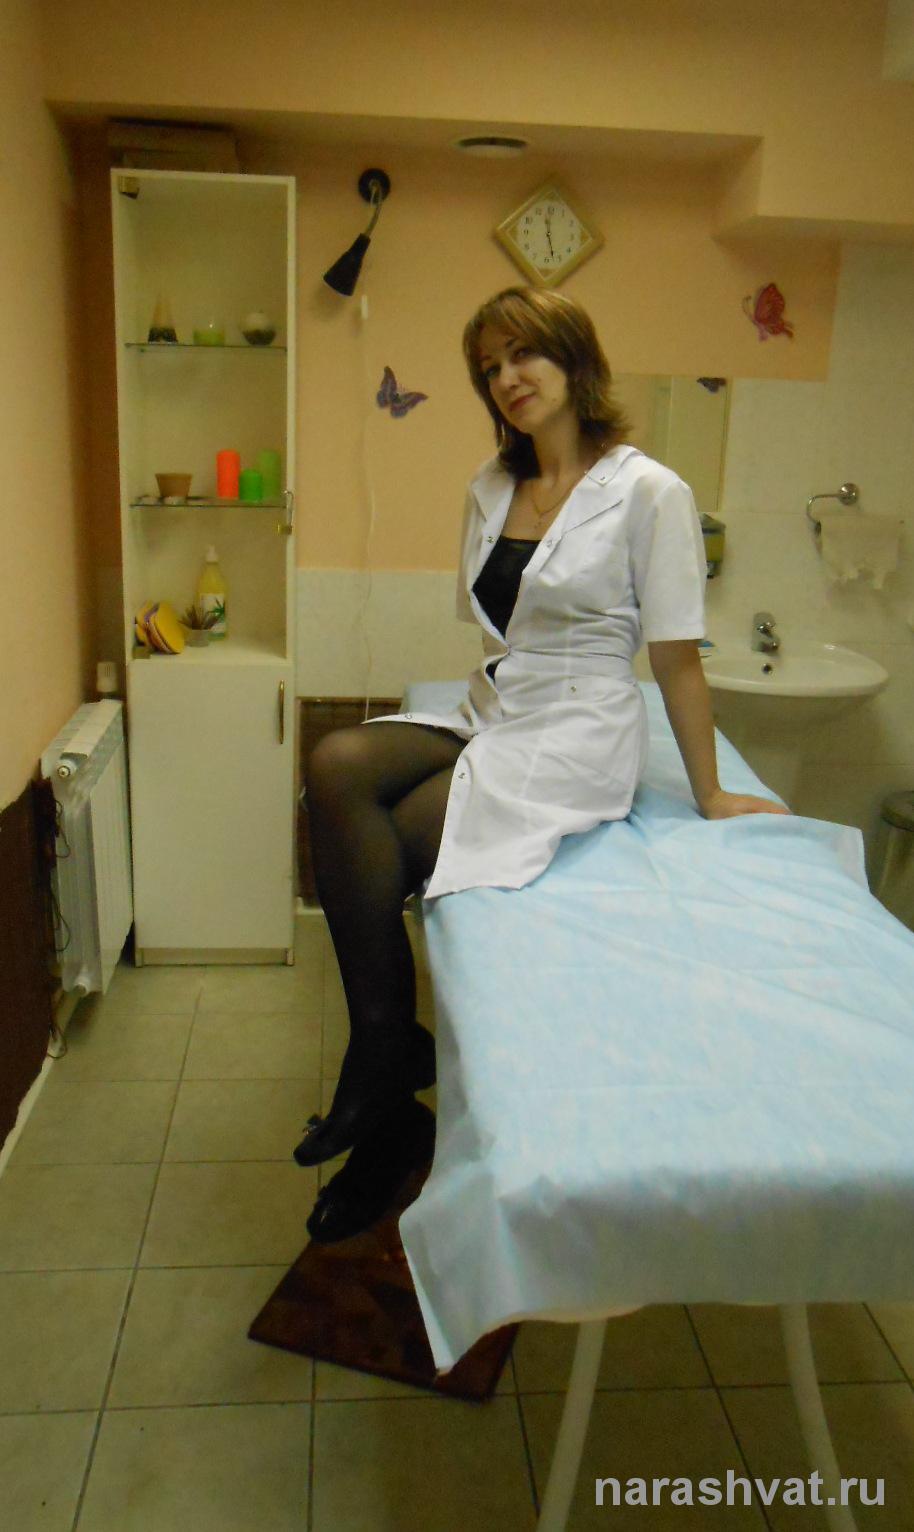 Частный массаж на дому для мужчин в москве алтынай пансионат для престарелых